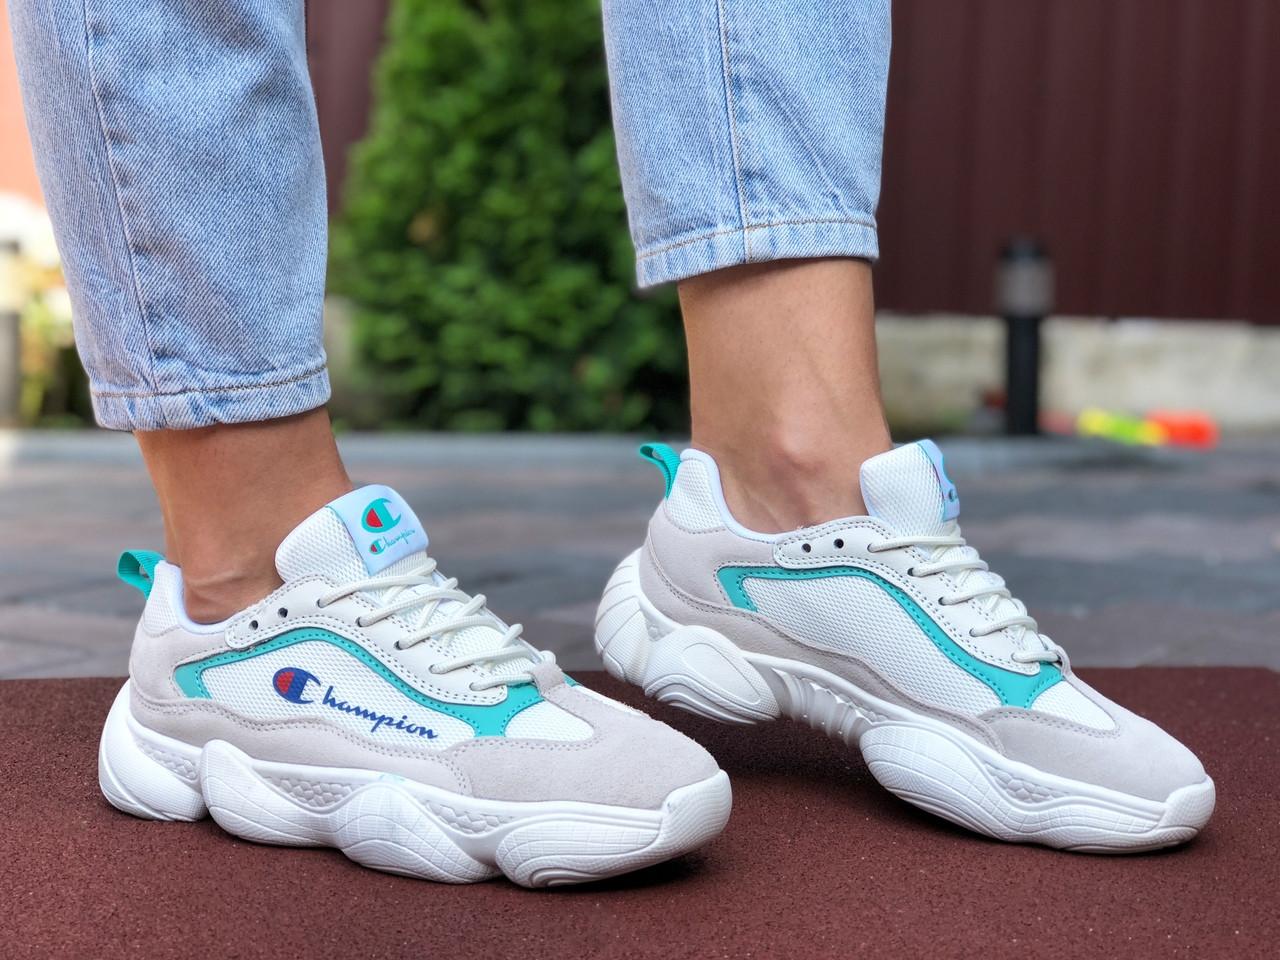 Женские кроссовки Champion (серо-белые с мятным) 9570